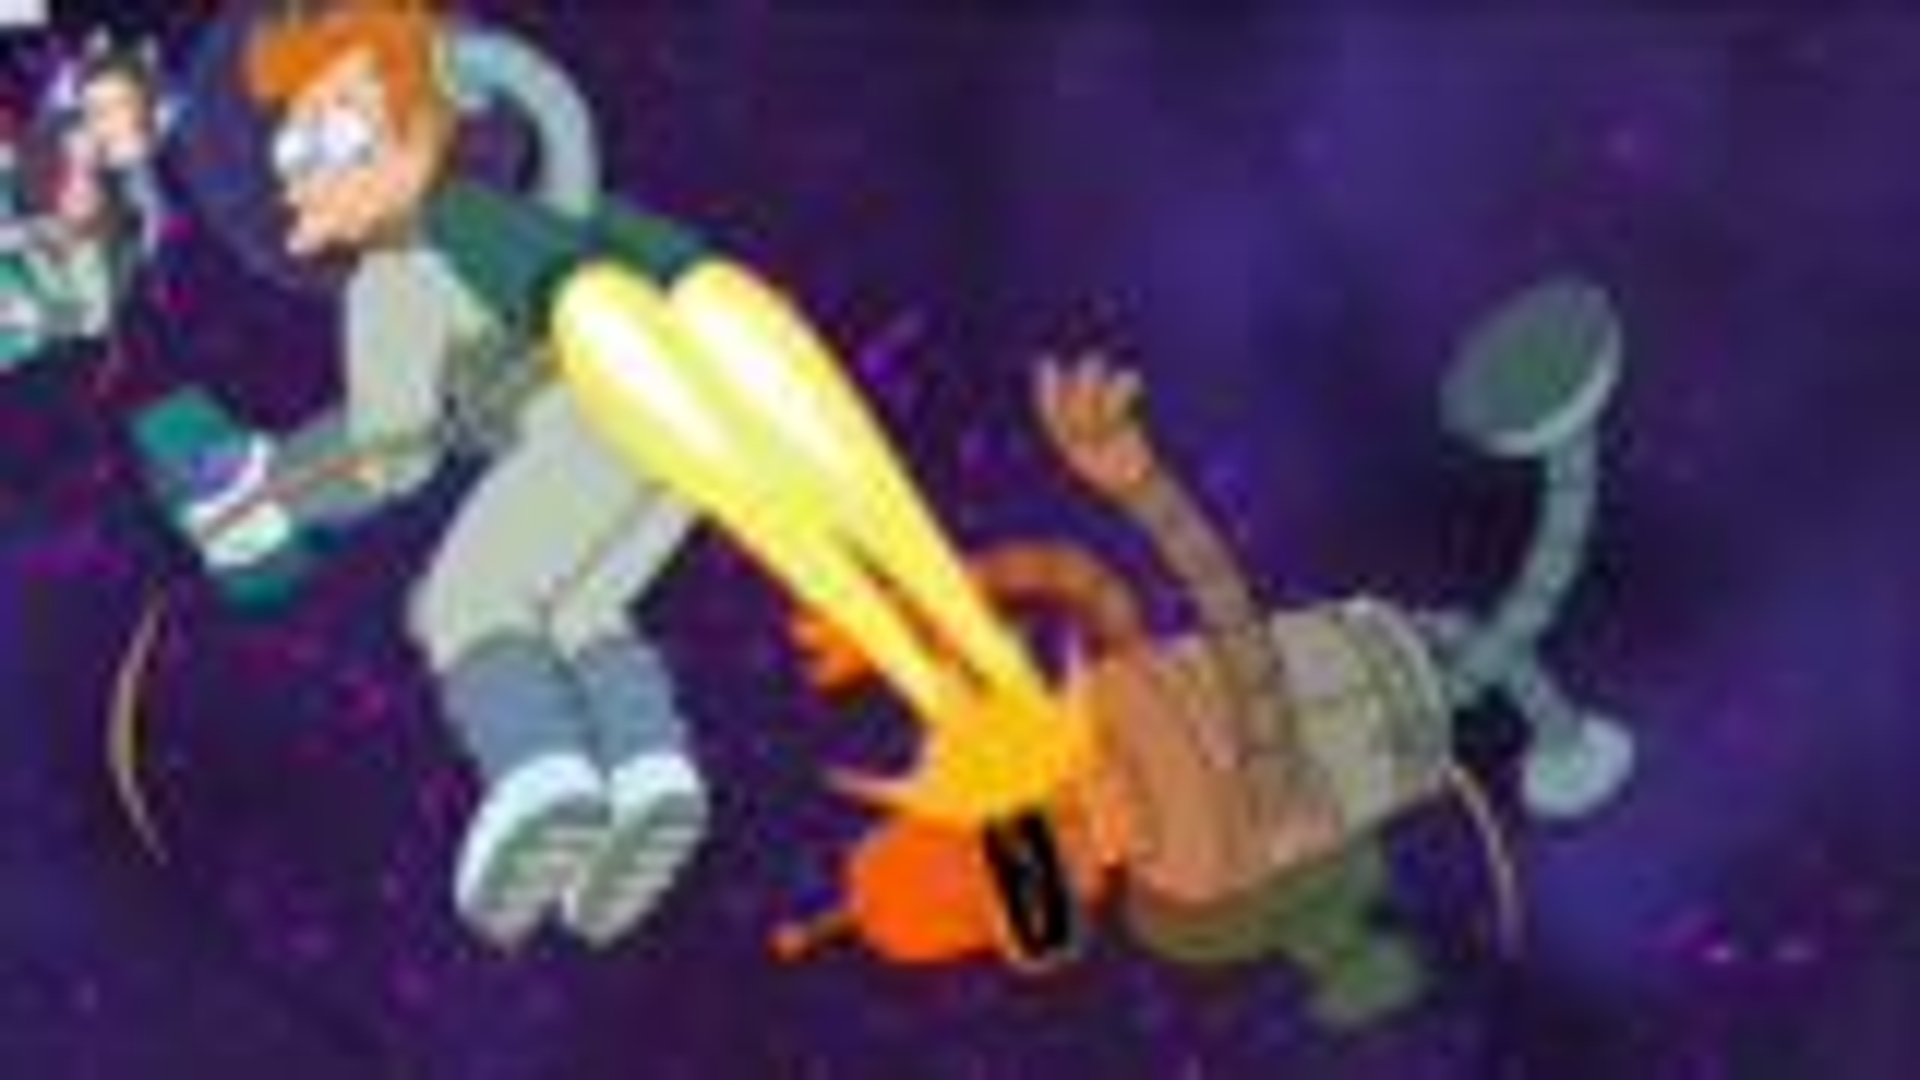 【毛豆】一个不注意,差点要了好友机器人的命!《飞出个未来》